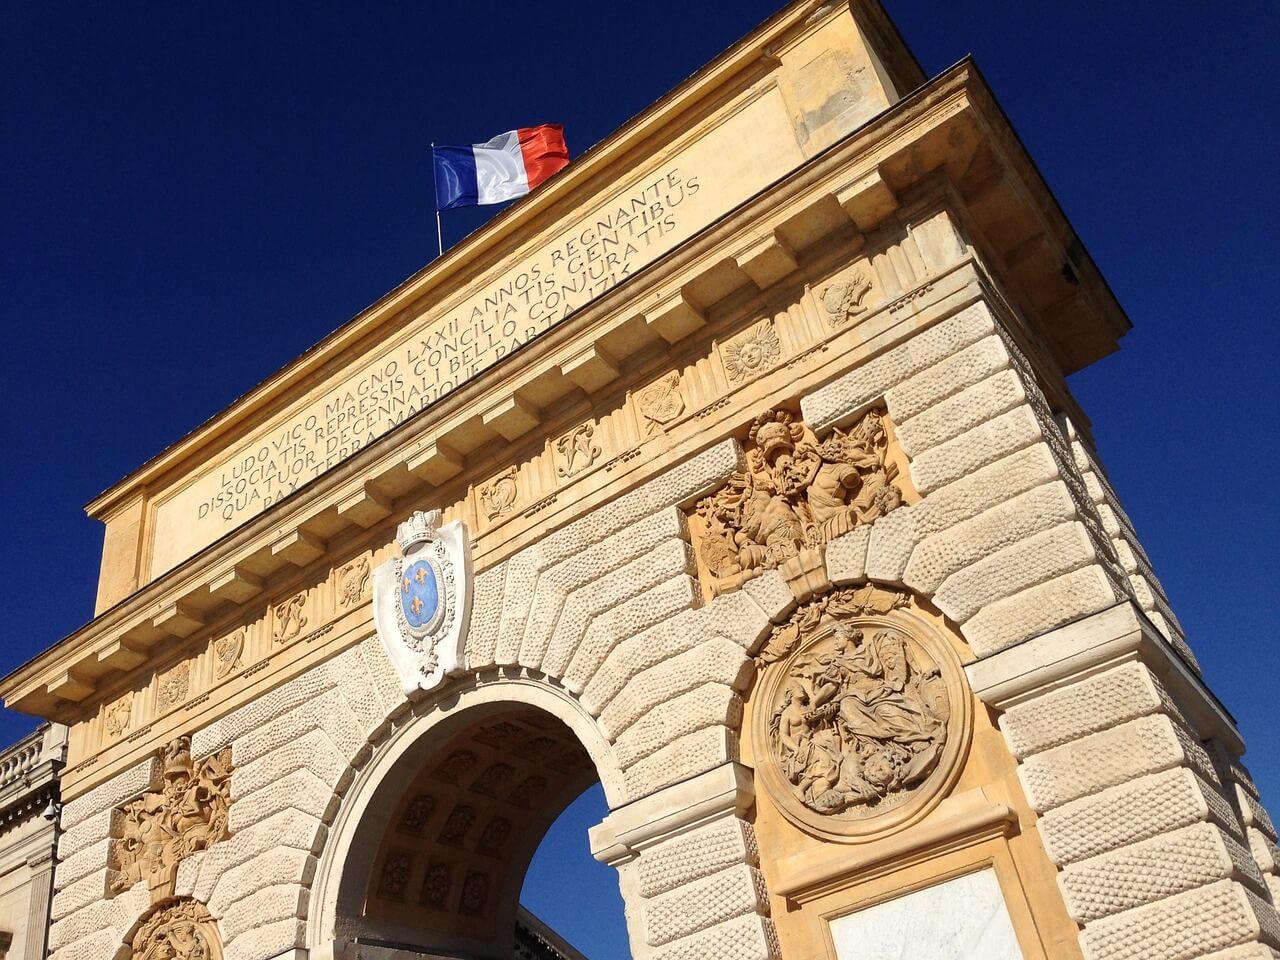 Passeios Paris - Os 8 pontos turísticos imperdíveis - Arco do Triunfo